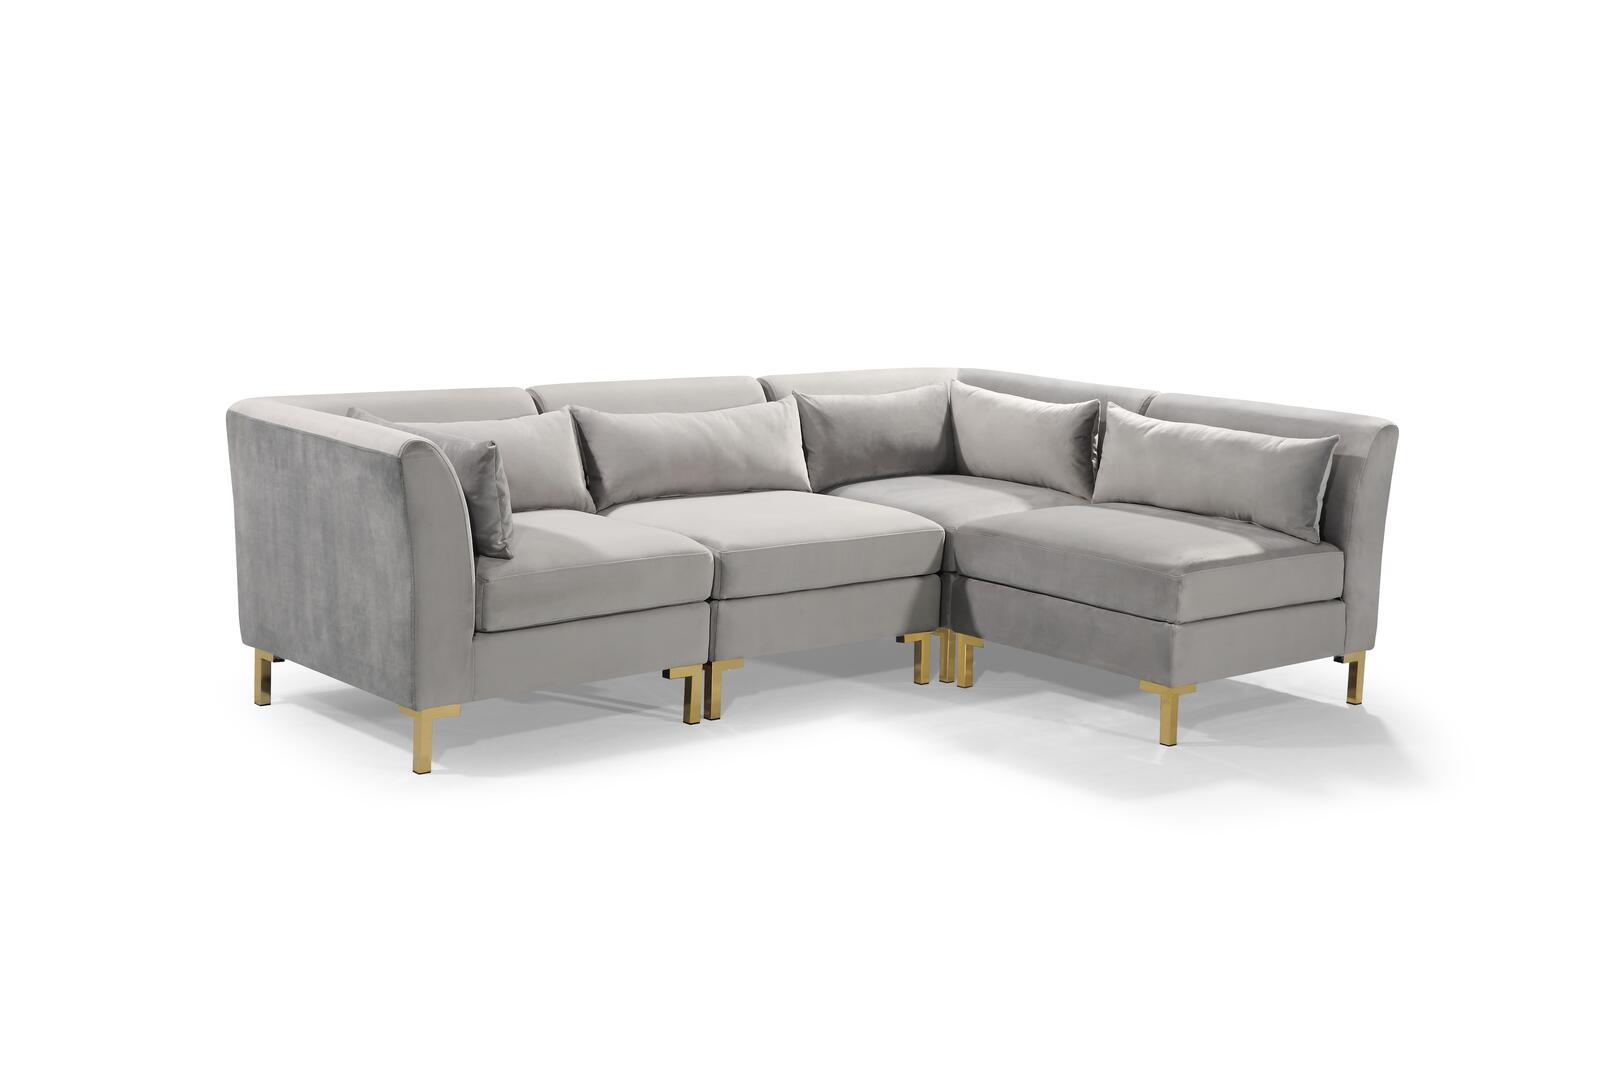 Surprising Chic Home Fsa9258Ac Inzonedesignstudio Interior Chair Design Inzonedesignstudiocom